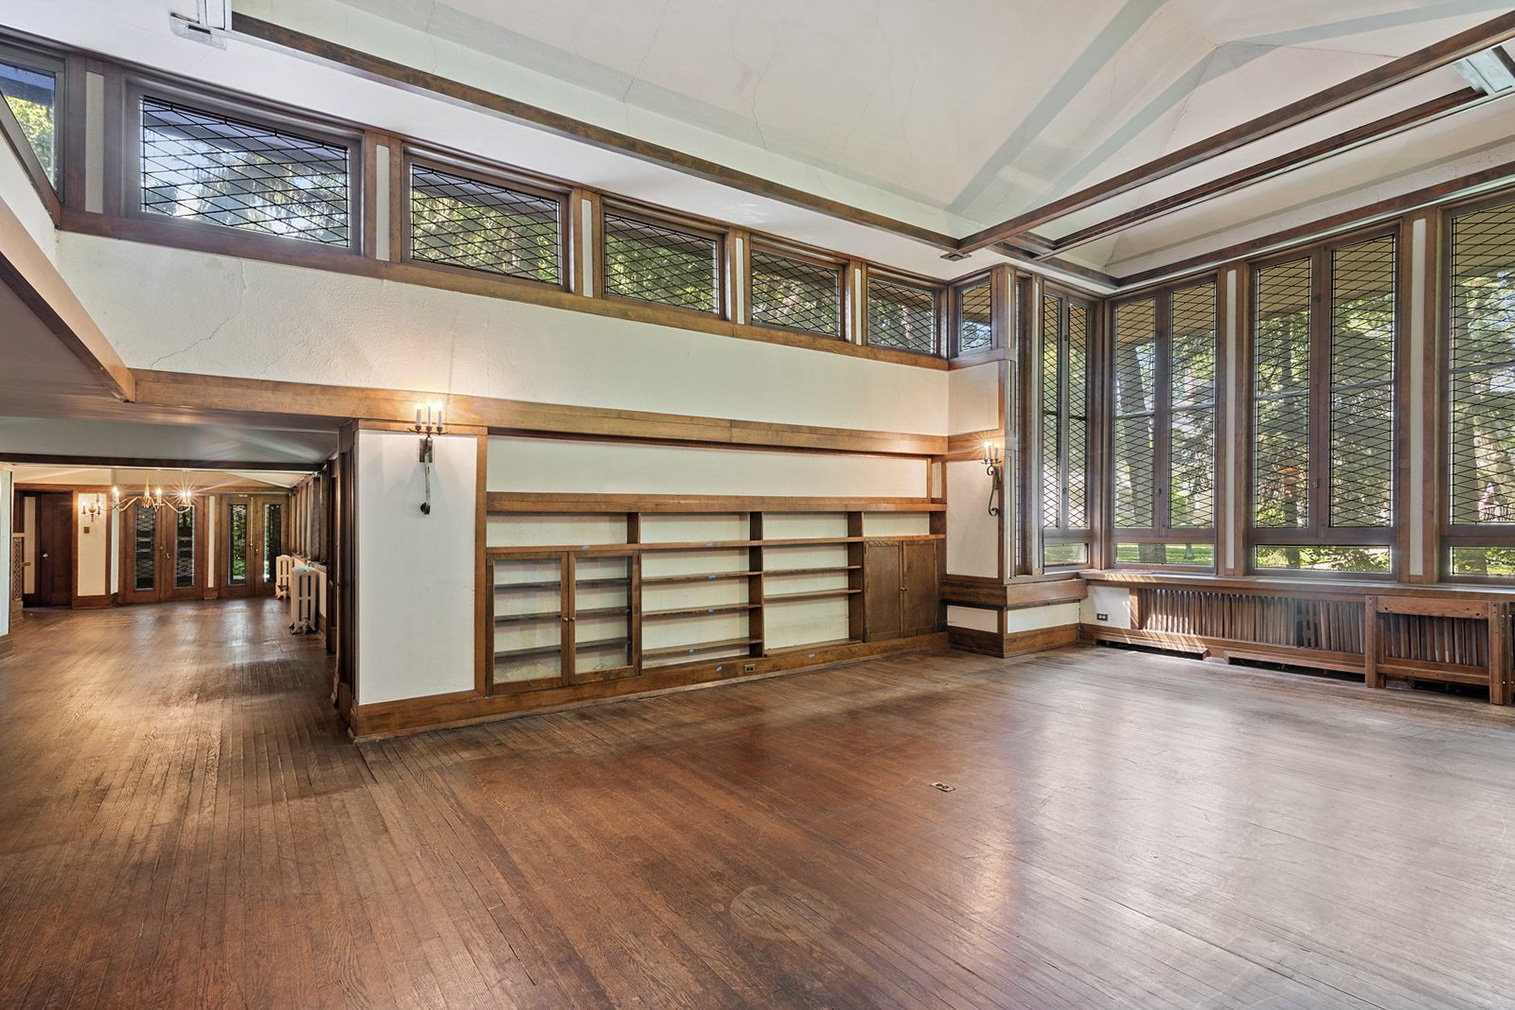 Frank Lloyd Wright's Frank J Baker House built in 1909 - for sale via @properties